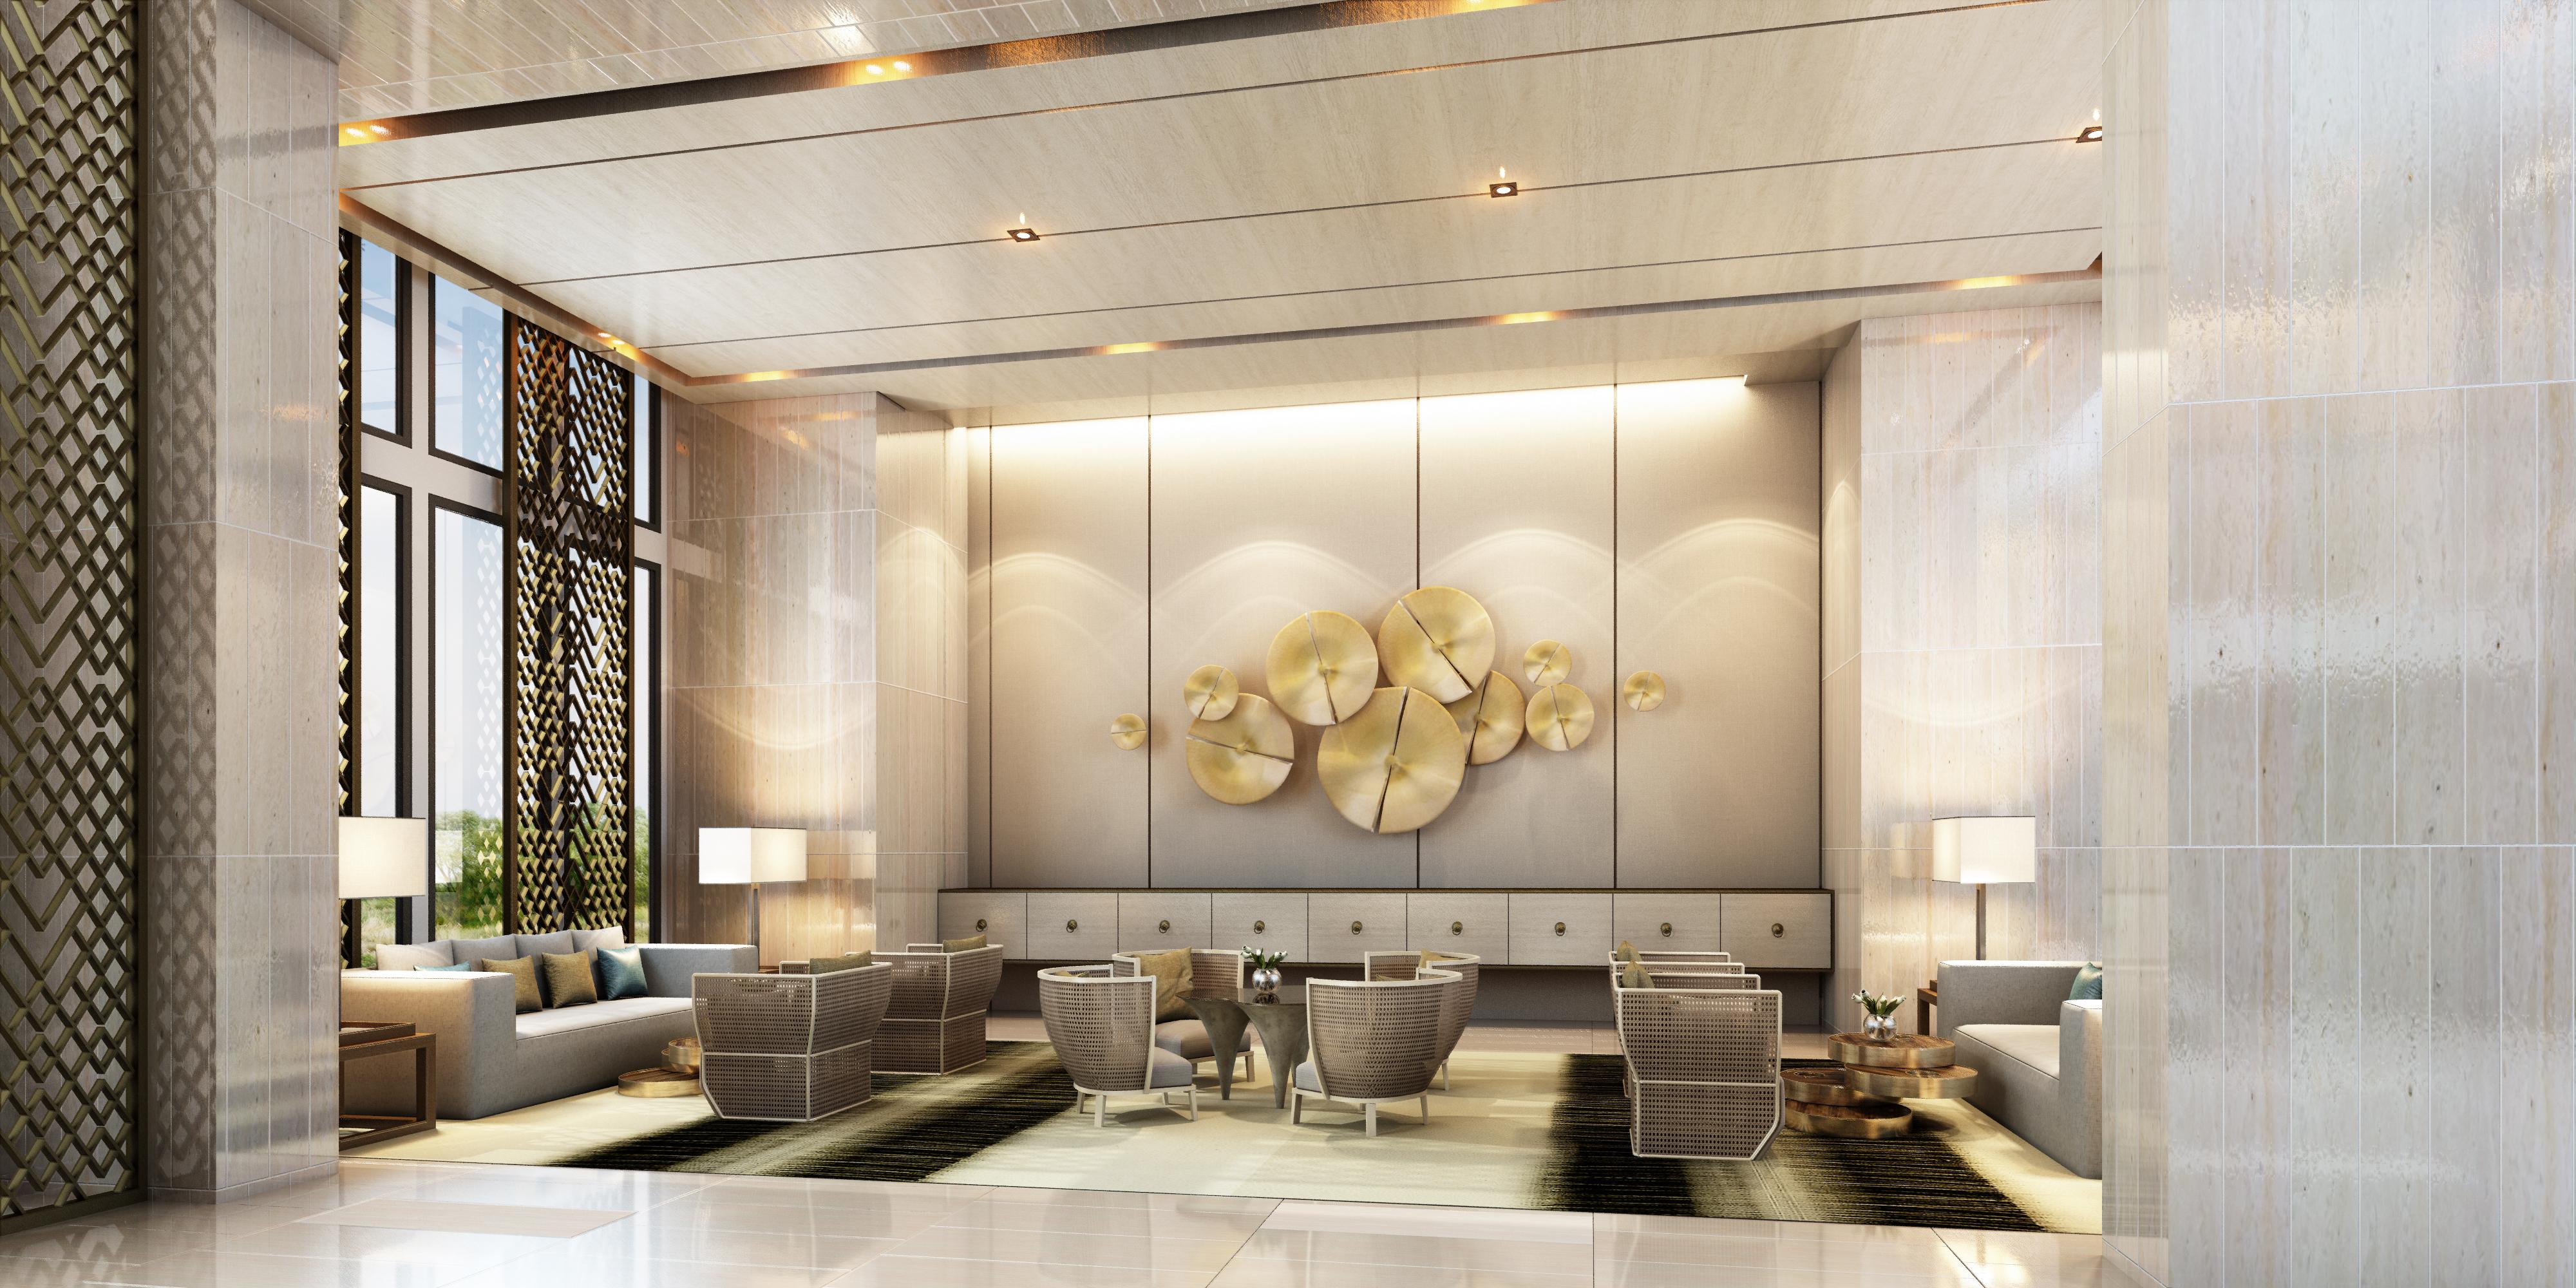 The Room Lobby 1 hires.jpg